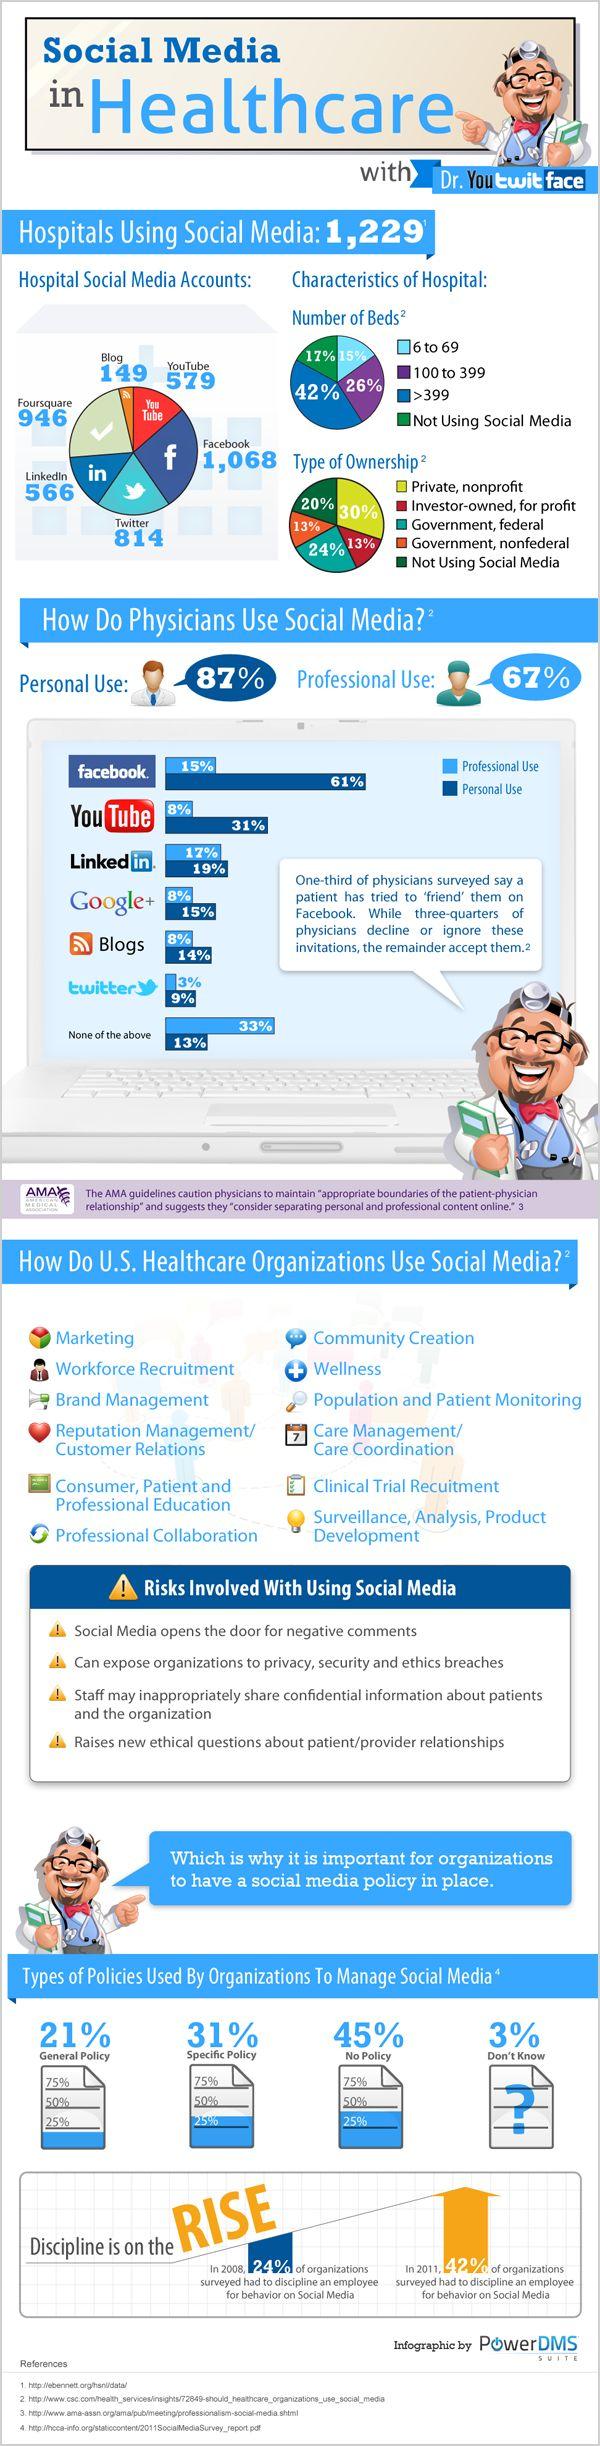 Social media in healthcare #MCH #Michigan #Health